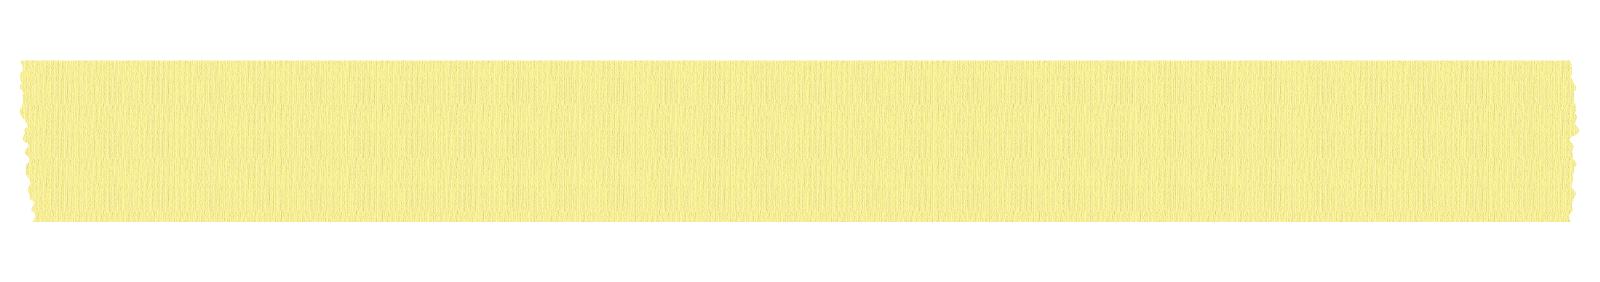 長く切った黄色いマスキングテープ